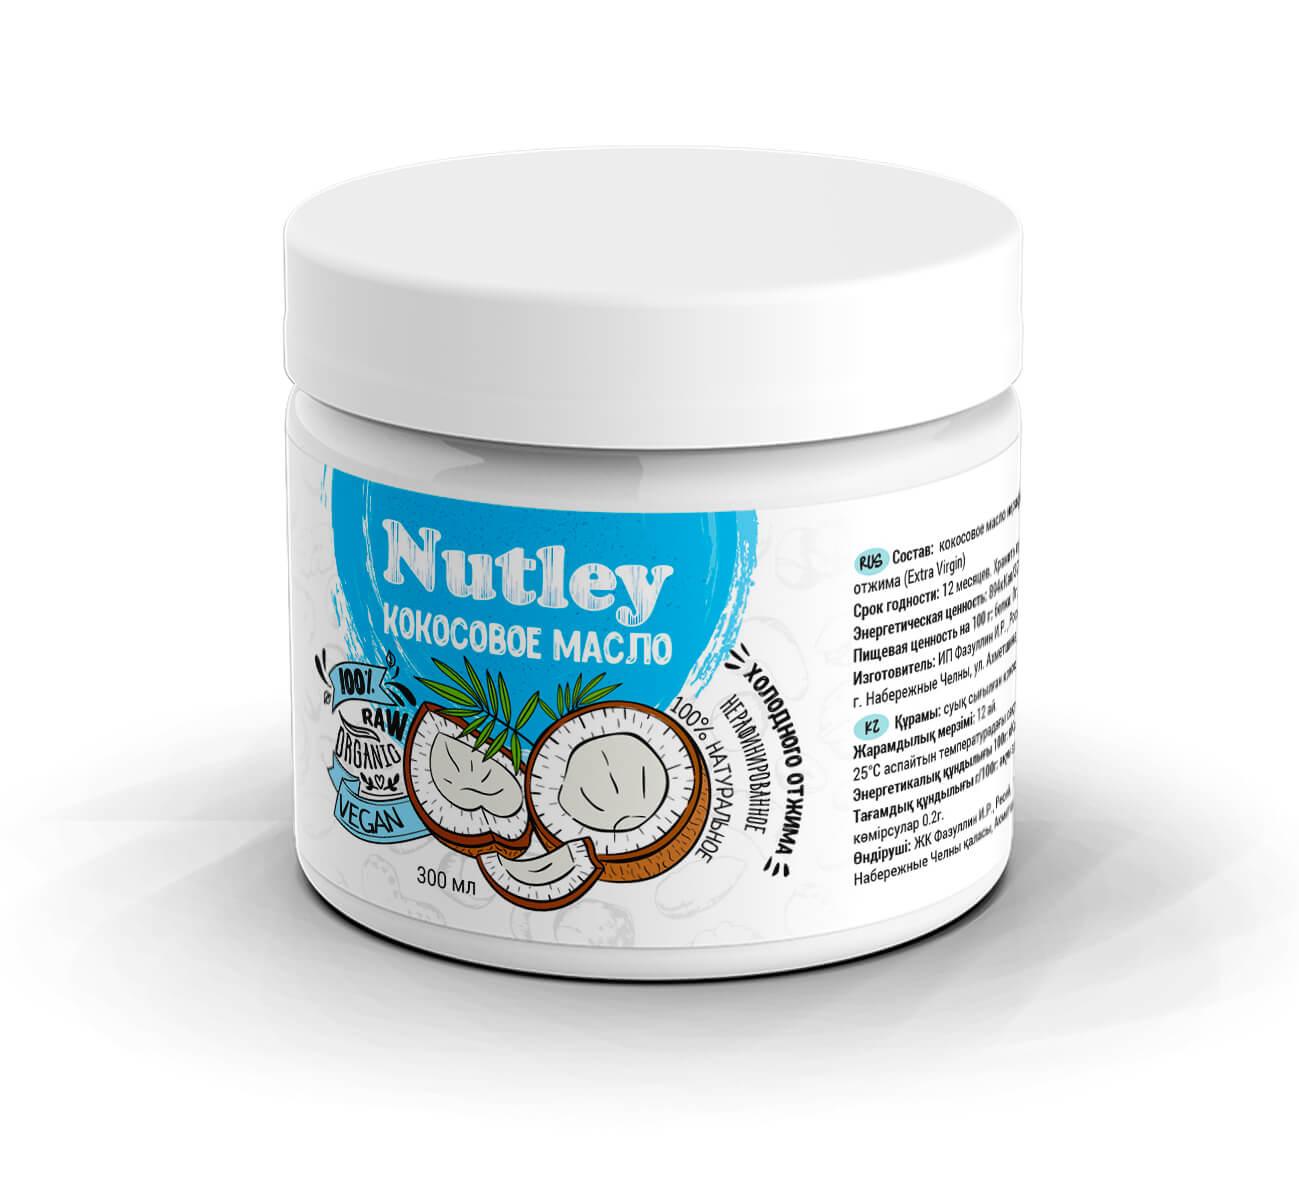 Coconut кокосовое масло Nutley